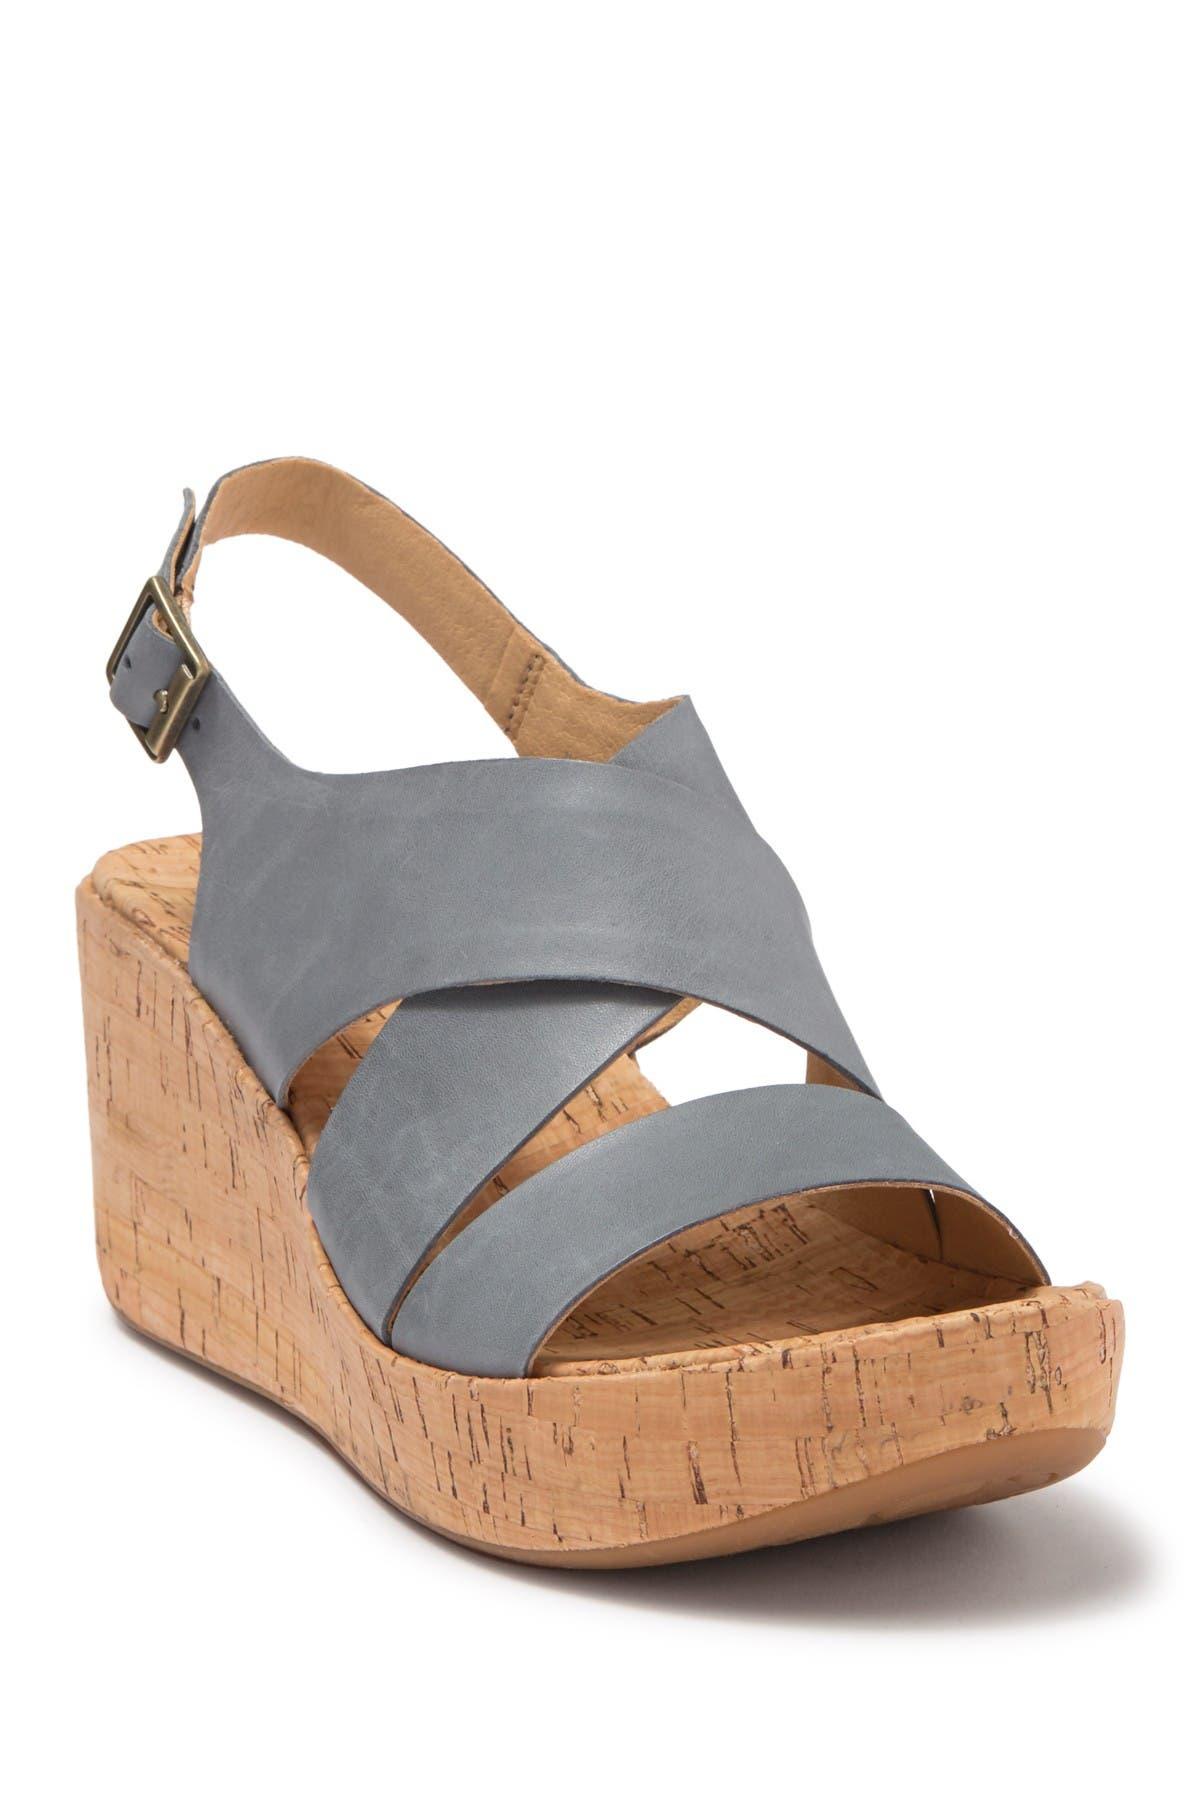 Image of KORKS Adela Platform Wedge Sandal